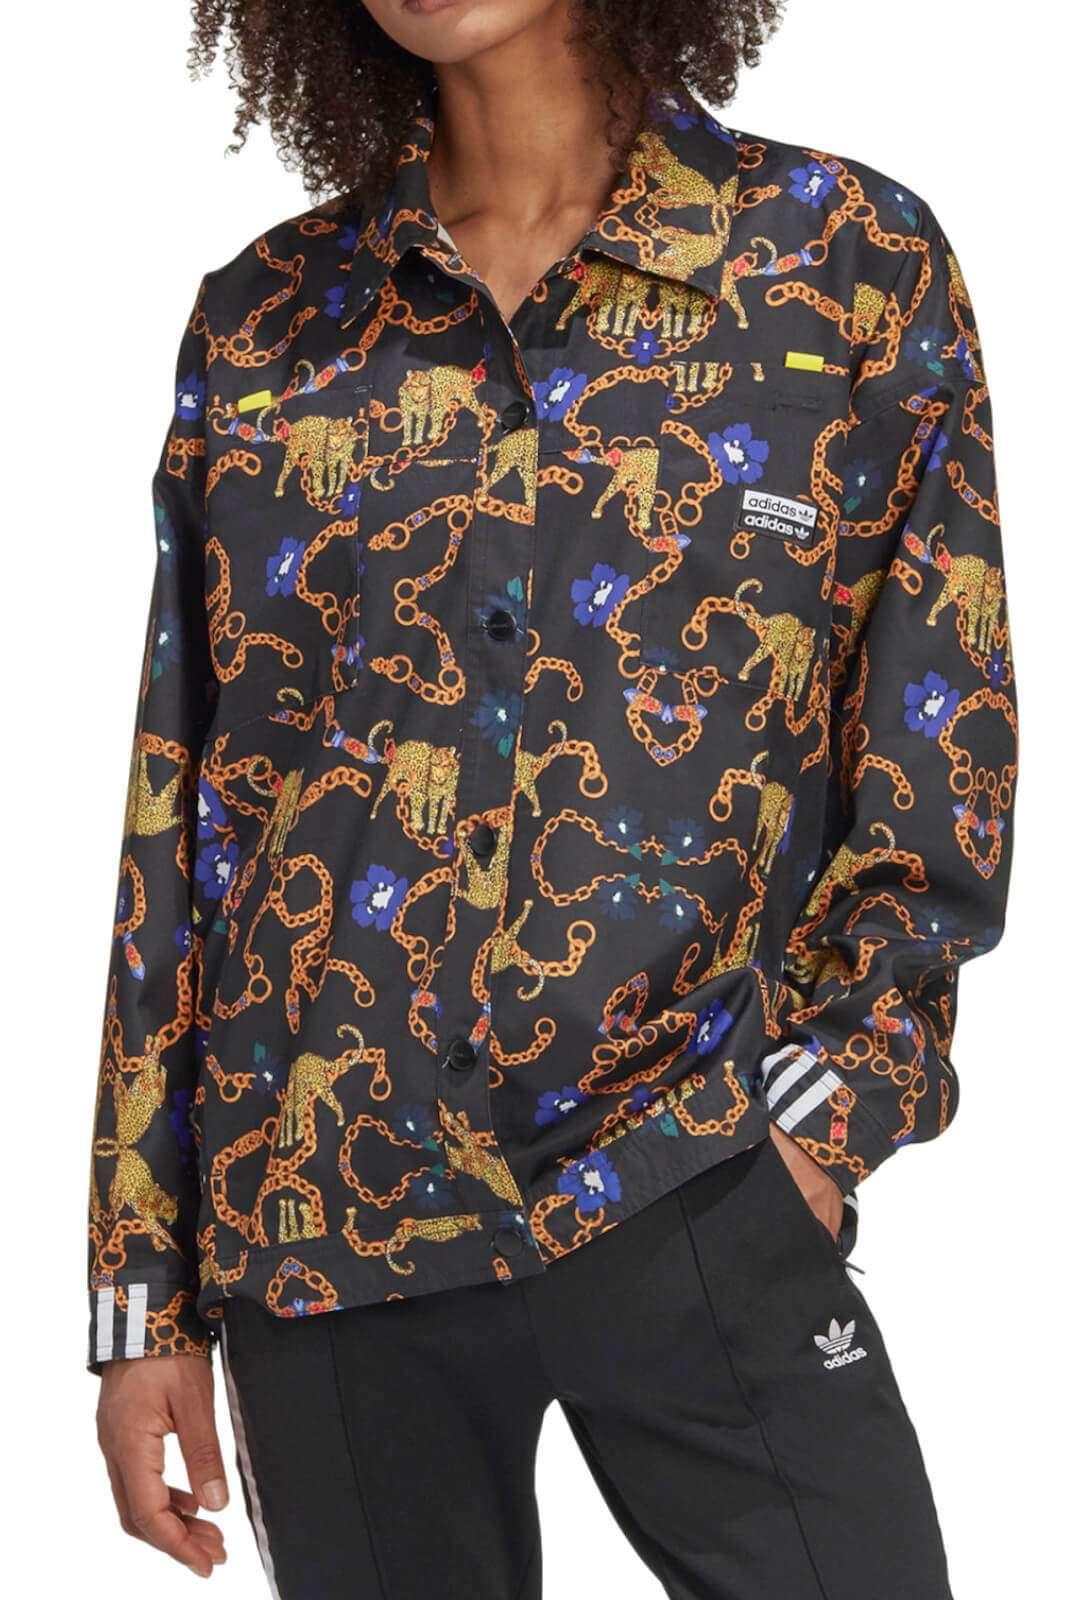 Una giacca dal prezioso stile quotidiano la proposta per la collezione donna Adidas. Un taglio maschile impreziosito dalla stampa multicolore e dall'iconico logo del brand. Da abbinare agli outfit quotidini per un look glamour.